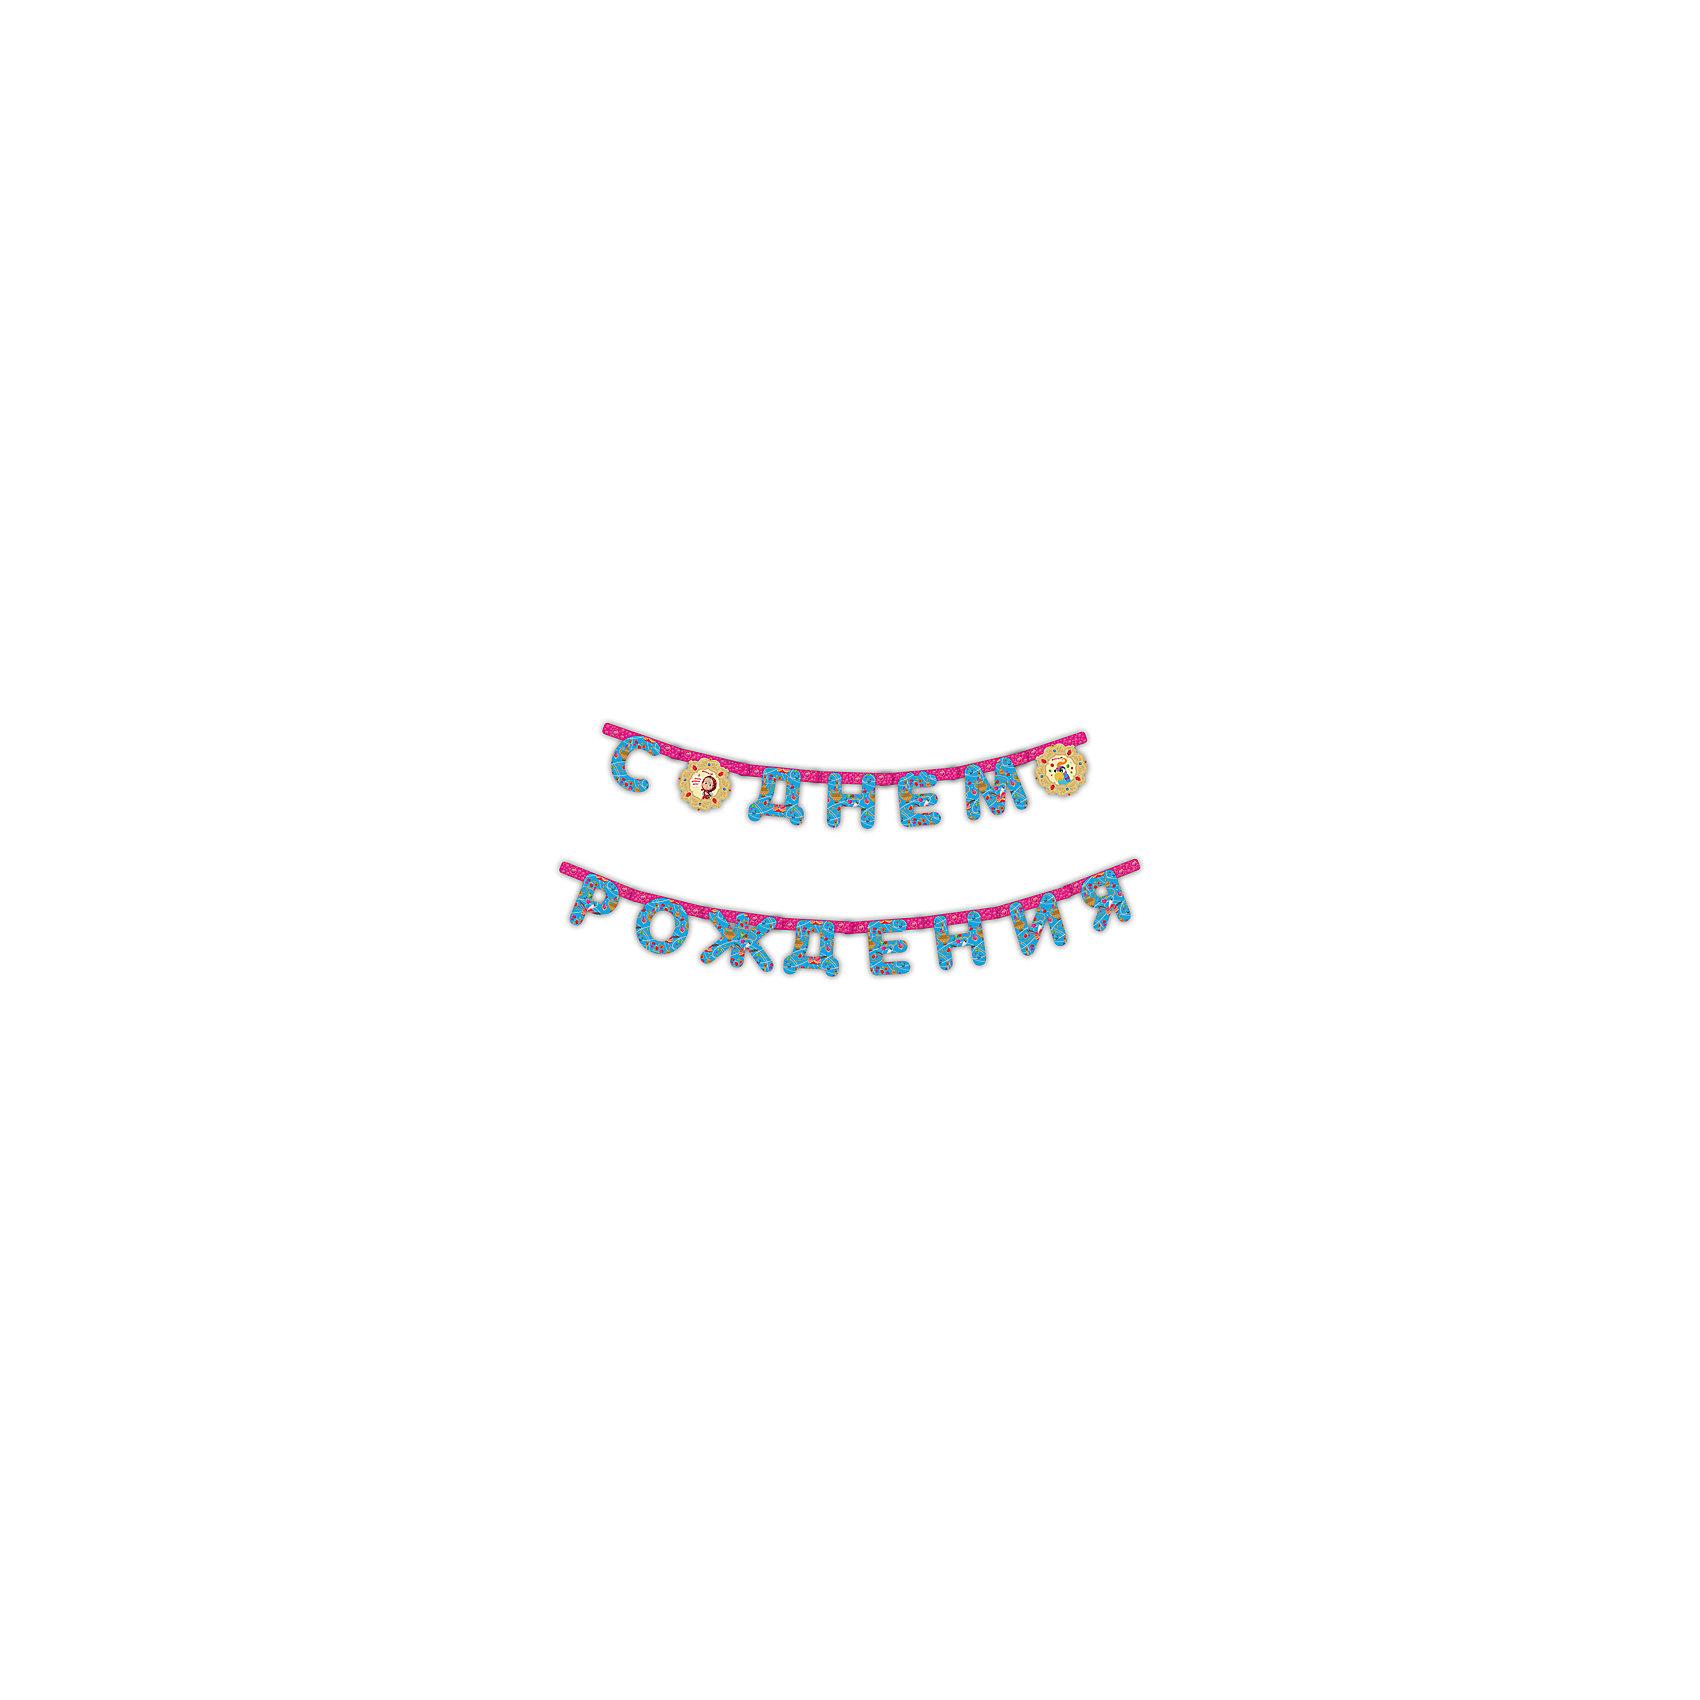 Гирлянда C днем рождения 2,5 м, Маша и МедведьНовинки для детской<br>Гирлянда C днем рождения 2,5 м, Маша и Медведь – яркий аксессуар станет отличным украшением для комнаты, где будет отмечаться торжество.<br>Красивая гирлянда «C Днем Рождения» с веселой Машей из мультфильма «Маша и Медведь» поможет ярко преобразить помещение к детскому празднику, создать торжественную атмосферу и поднять настроение имениннице и всем гостям.<br><br>Дополнительная информация:<br><br>- Длина: 2,5 м.<br>- Высота флажков: 15 см.<br>- Материал: бумага<br>- Способ крепления: люверс<br><br>Гирлянду C днем рождения 2,5 м, Маша и Медведь можно купить в нашем интернет-магазине.<br><br>Ширина мм: 290<br>Глубина мм: 240<br>Высота мм: 10<br>Вес г: 80<br>Возраст от месяцев: 36<br>Возраст до месяцев: 84<br>Пол: Женский<br>Возраст: Детский<br>SKU: 4278326